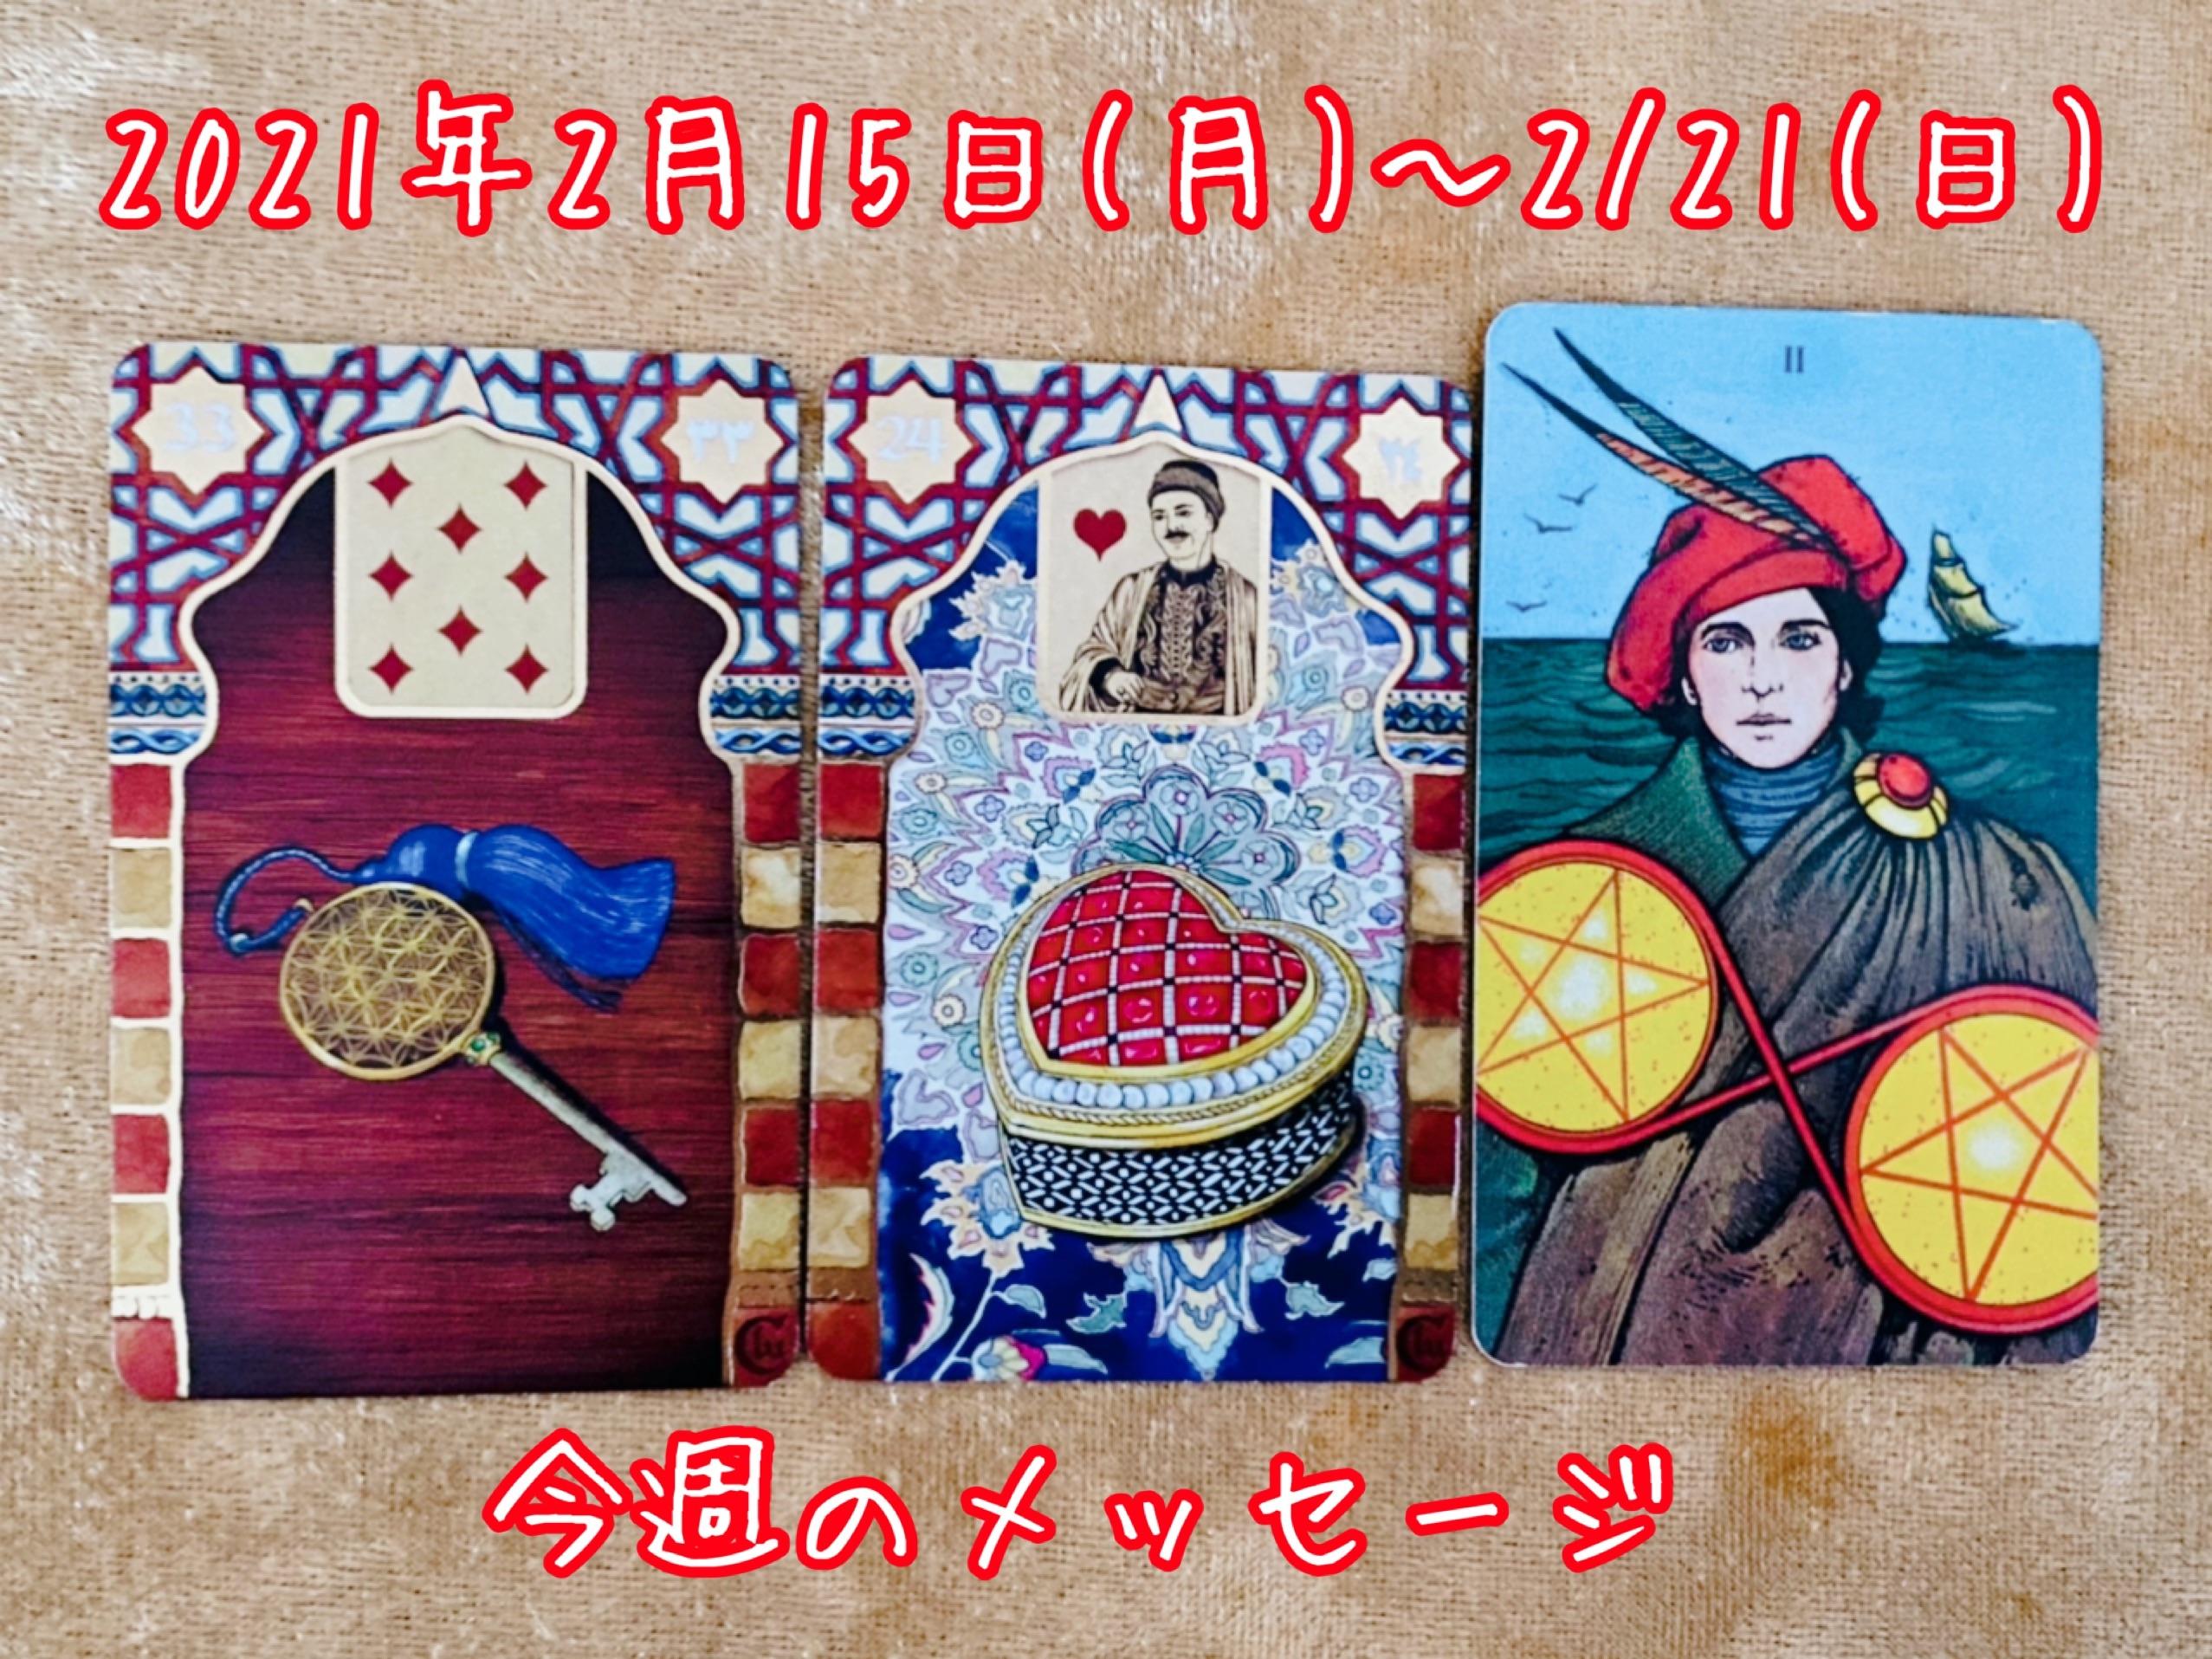 f:id:hana_su-hi:20210214203236j:image